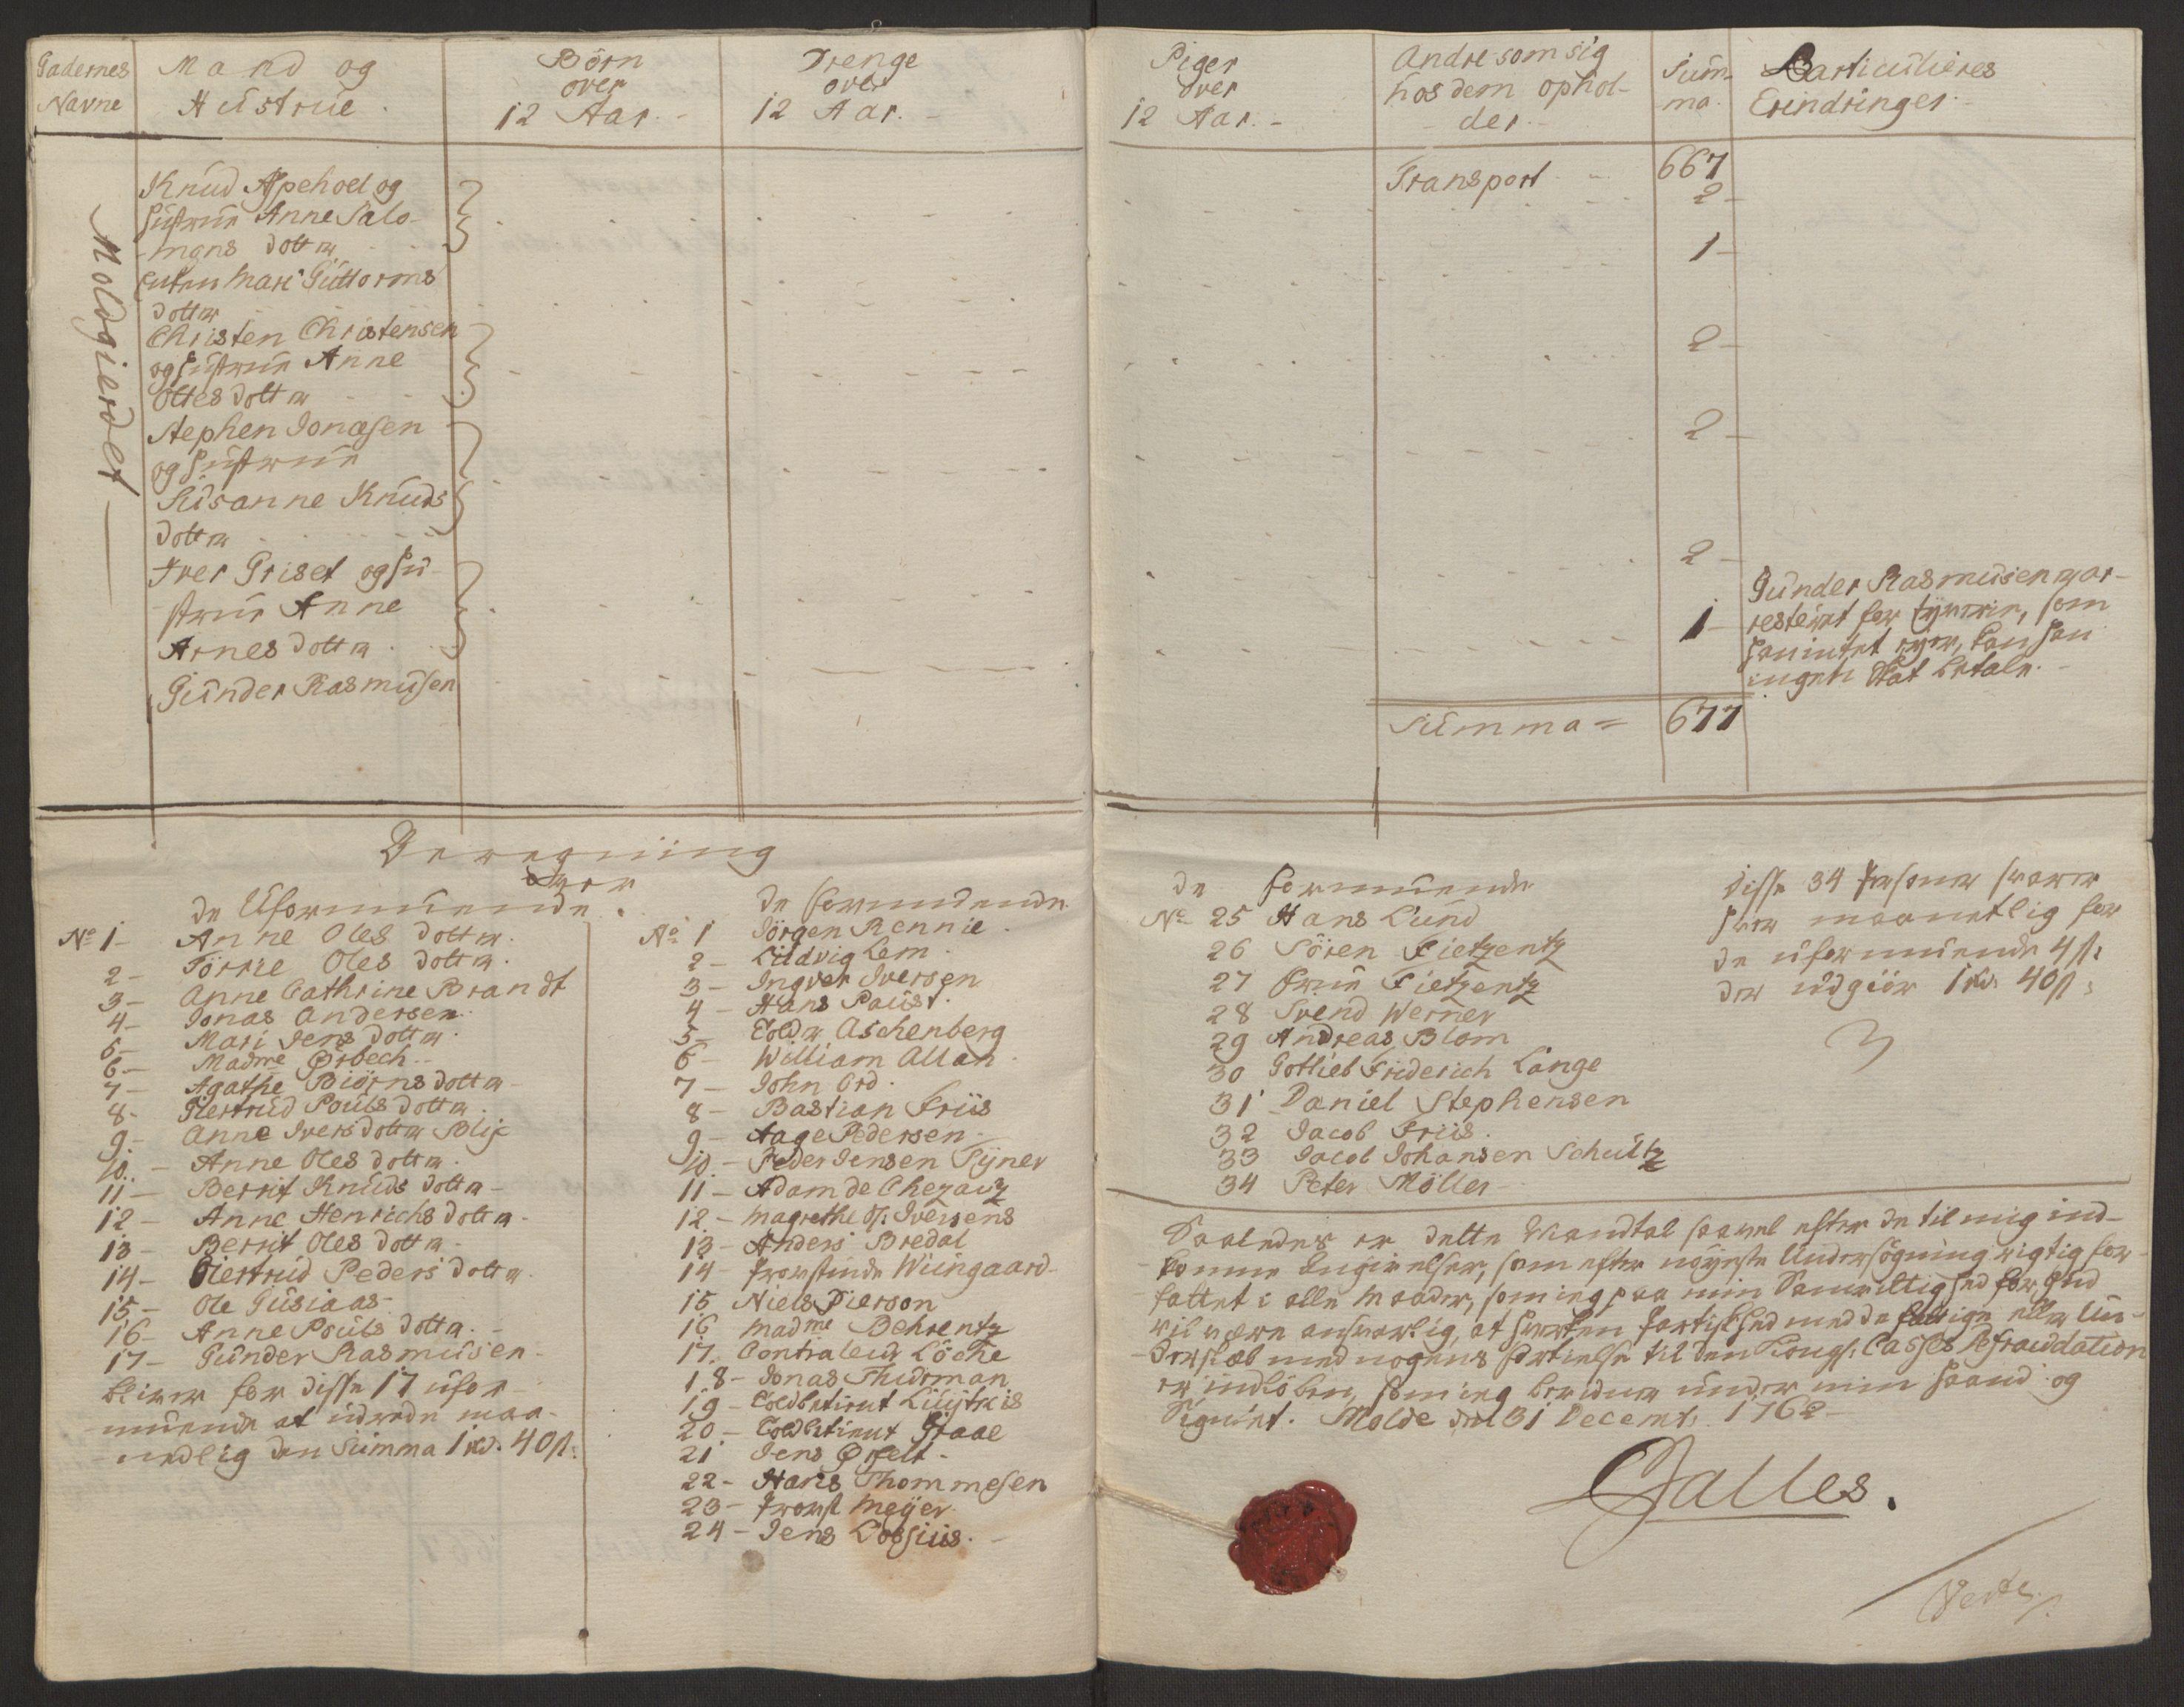 RA, Rentekammeret inntil 1814, Reviderte regnskaper, Byregnskaper, R/Rq/L0487: [Q1] Kontribusjonsregnskap, 1762-1772, s. 26